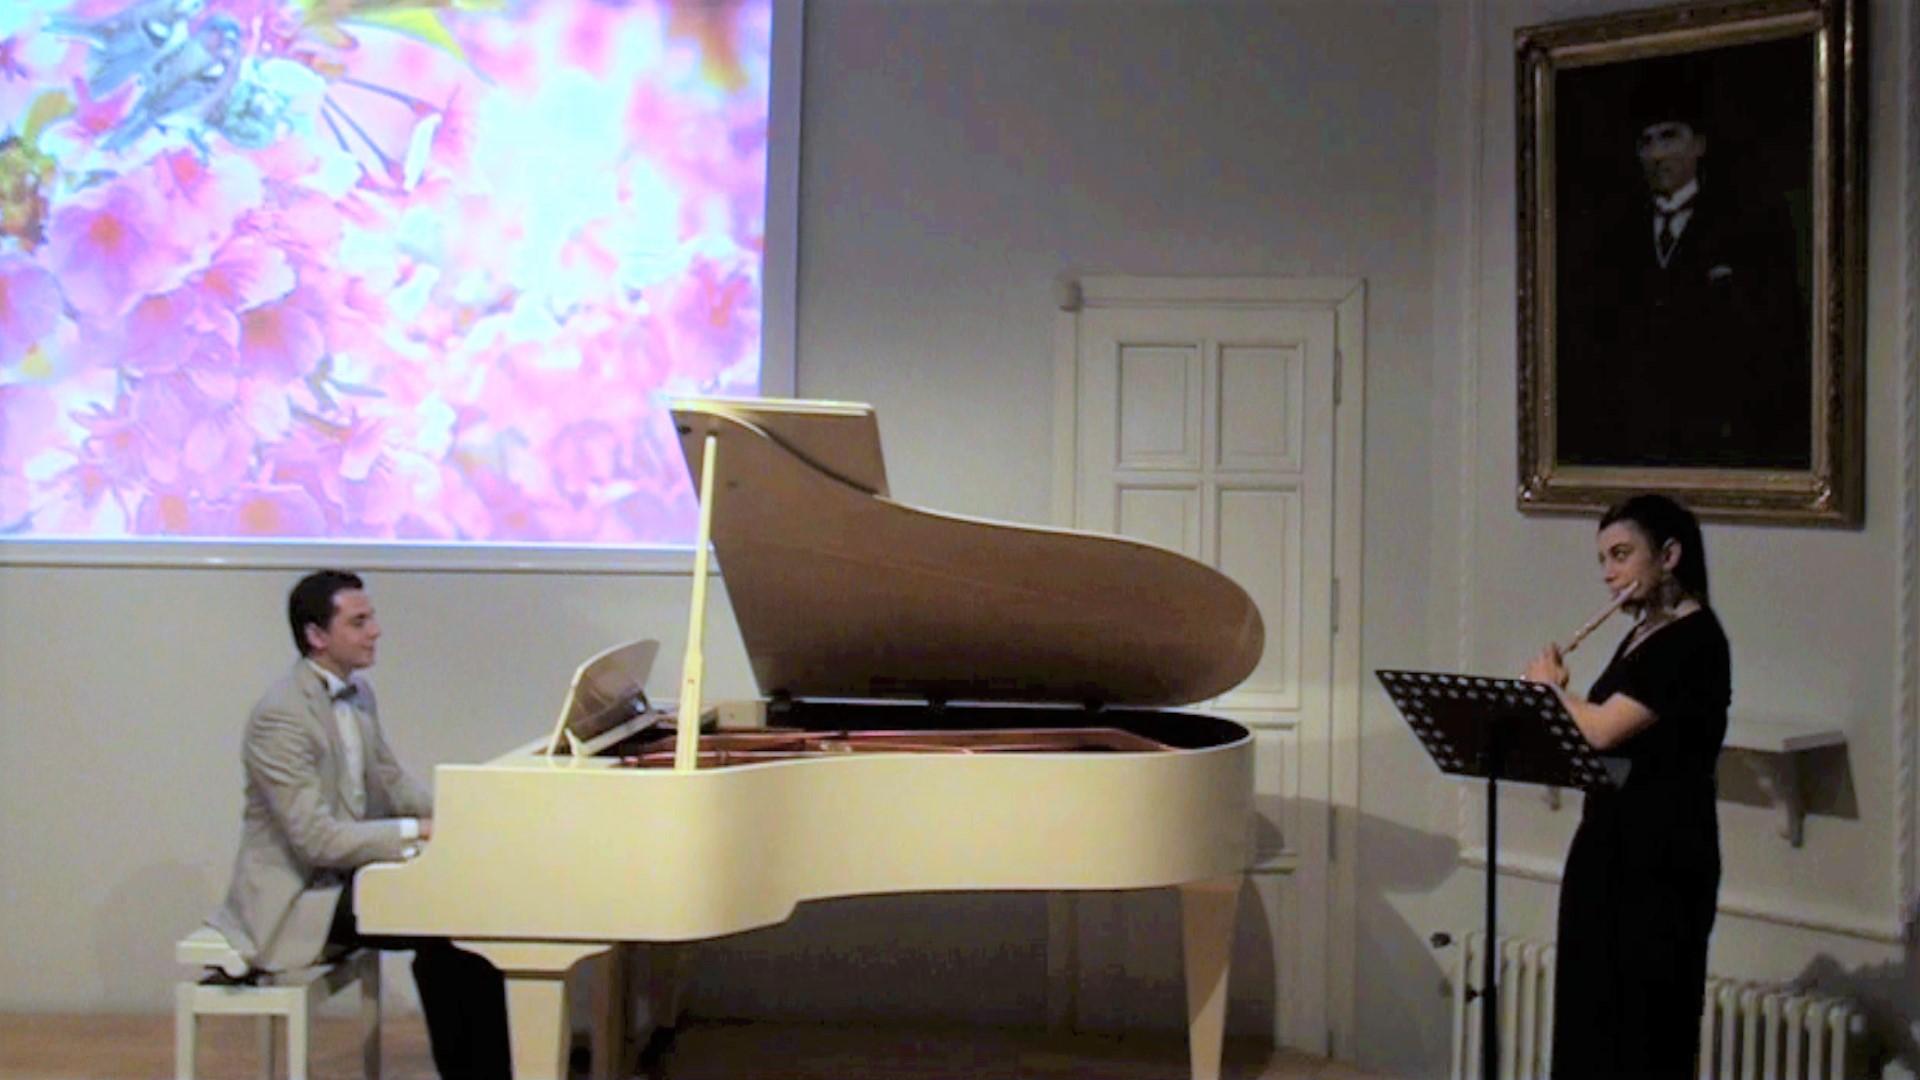 Sonatin Keman Flüt Sonatine For Piano Flut Genç Besteci Güneş Yakartepe Yeni Bestesi Yeni Besteler. 2019 2020 Son Amatör Bestekar Genc Besteciler Bestekar Çok Sesli SONATİNE FOR PIANO